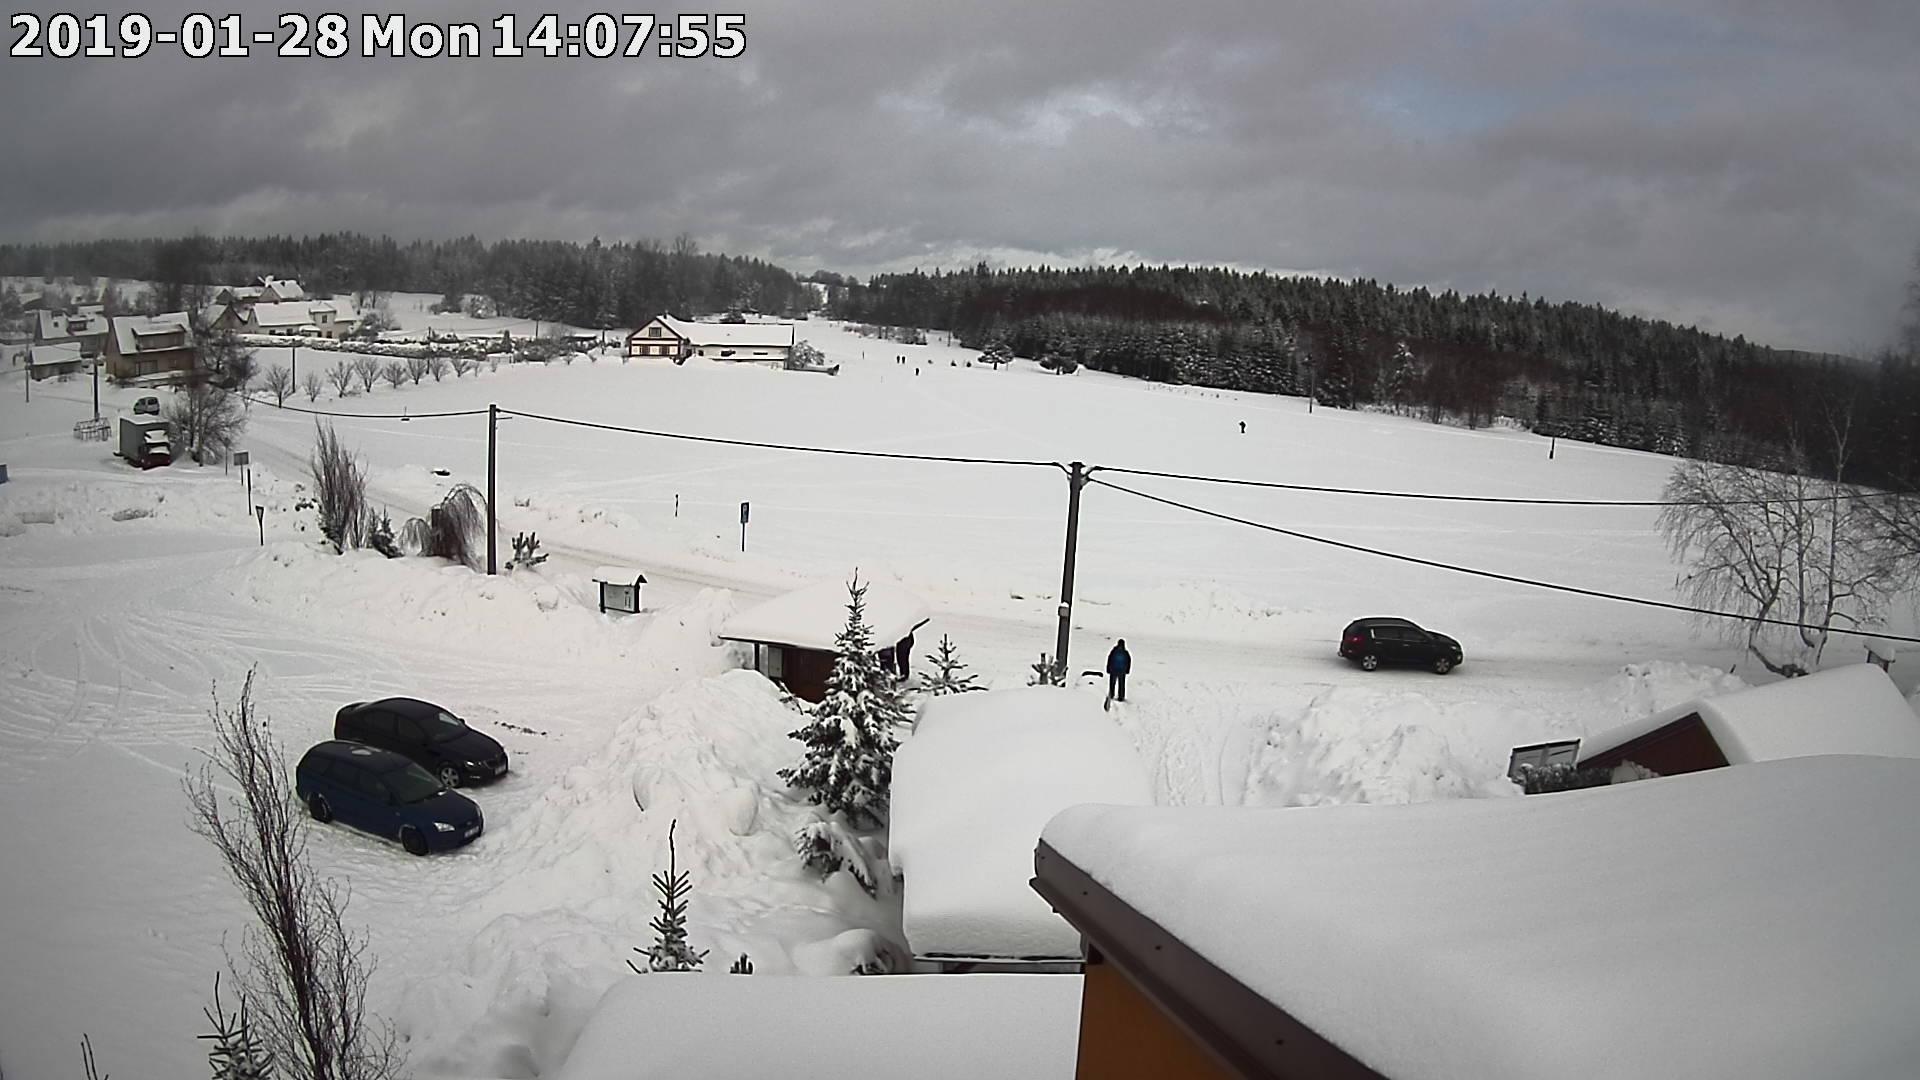 Webkamera ze dne 2019-01-28